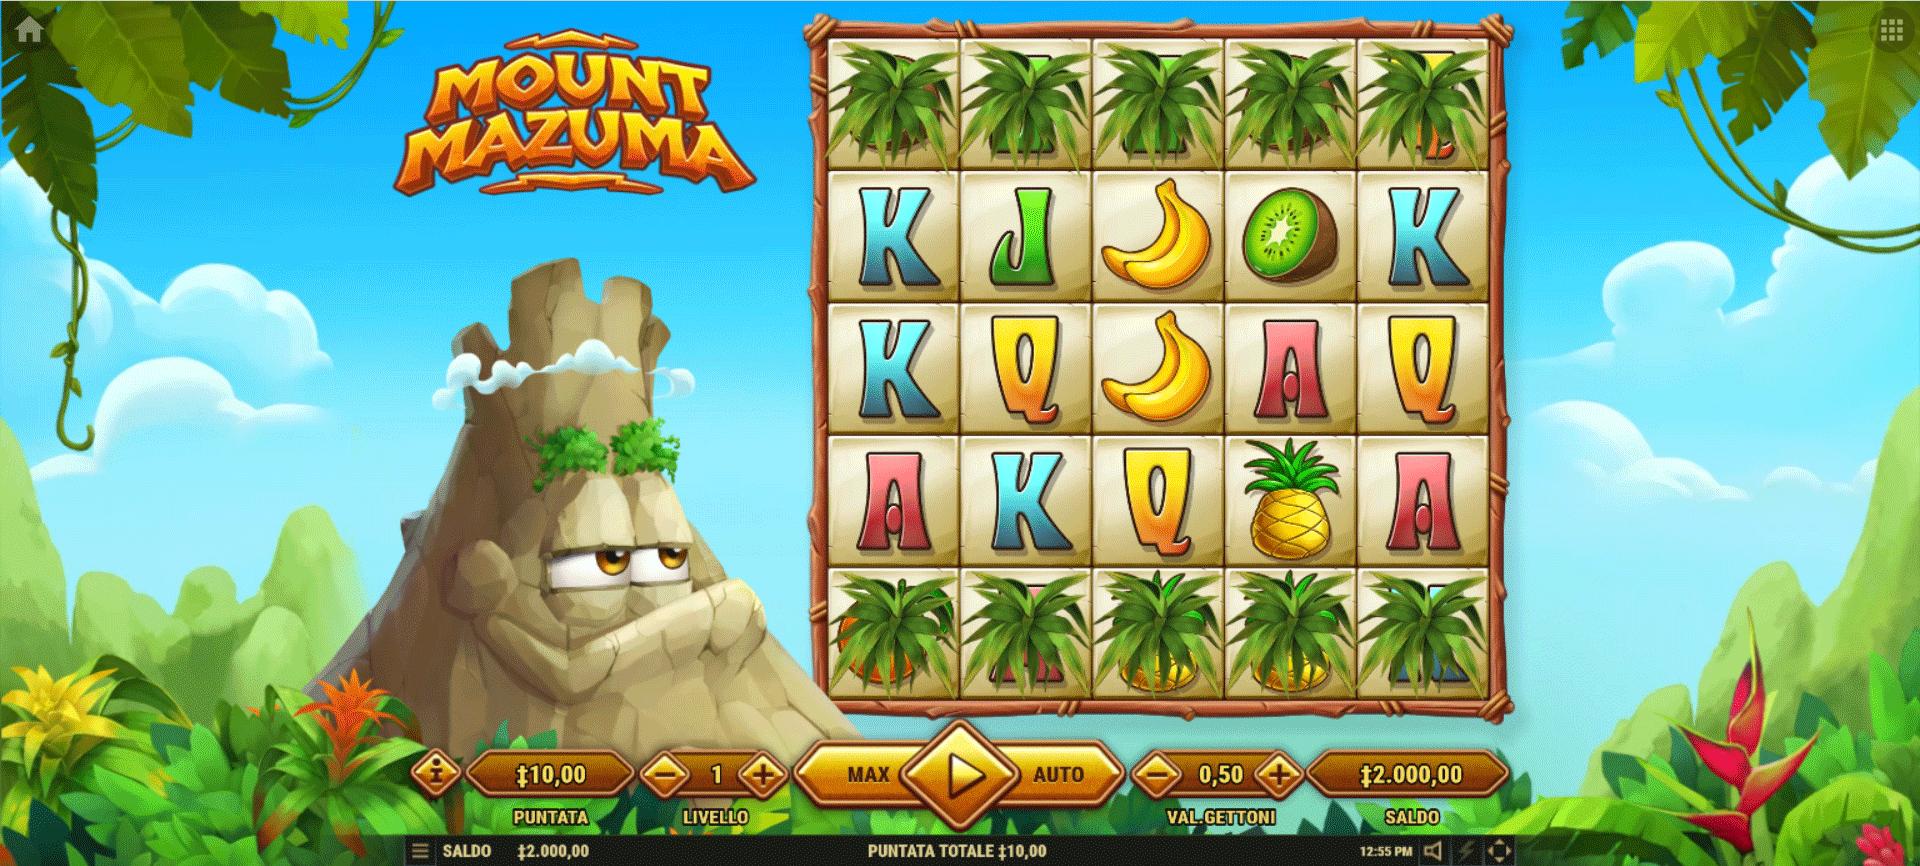 Slot Mount Mazuma